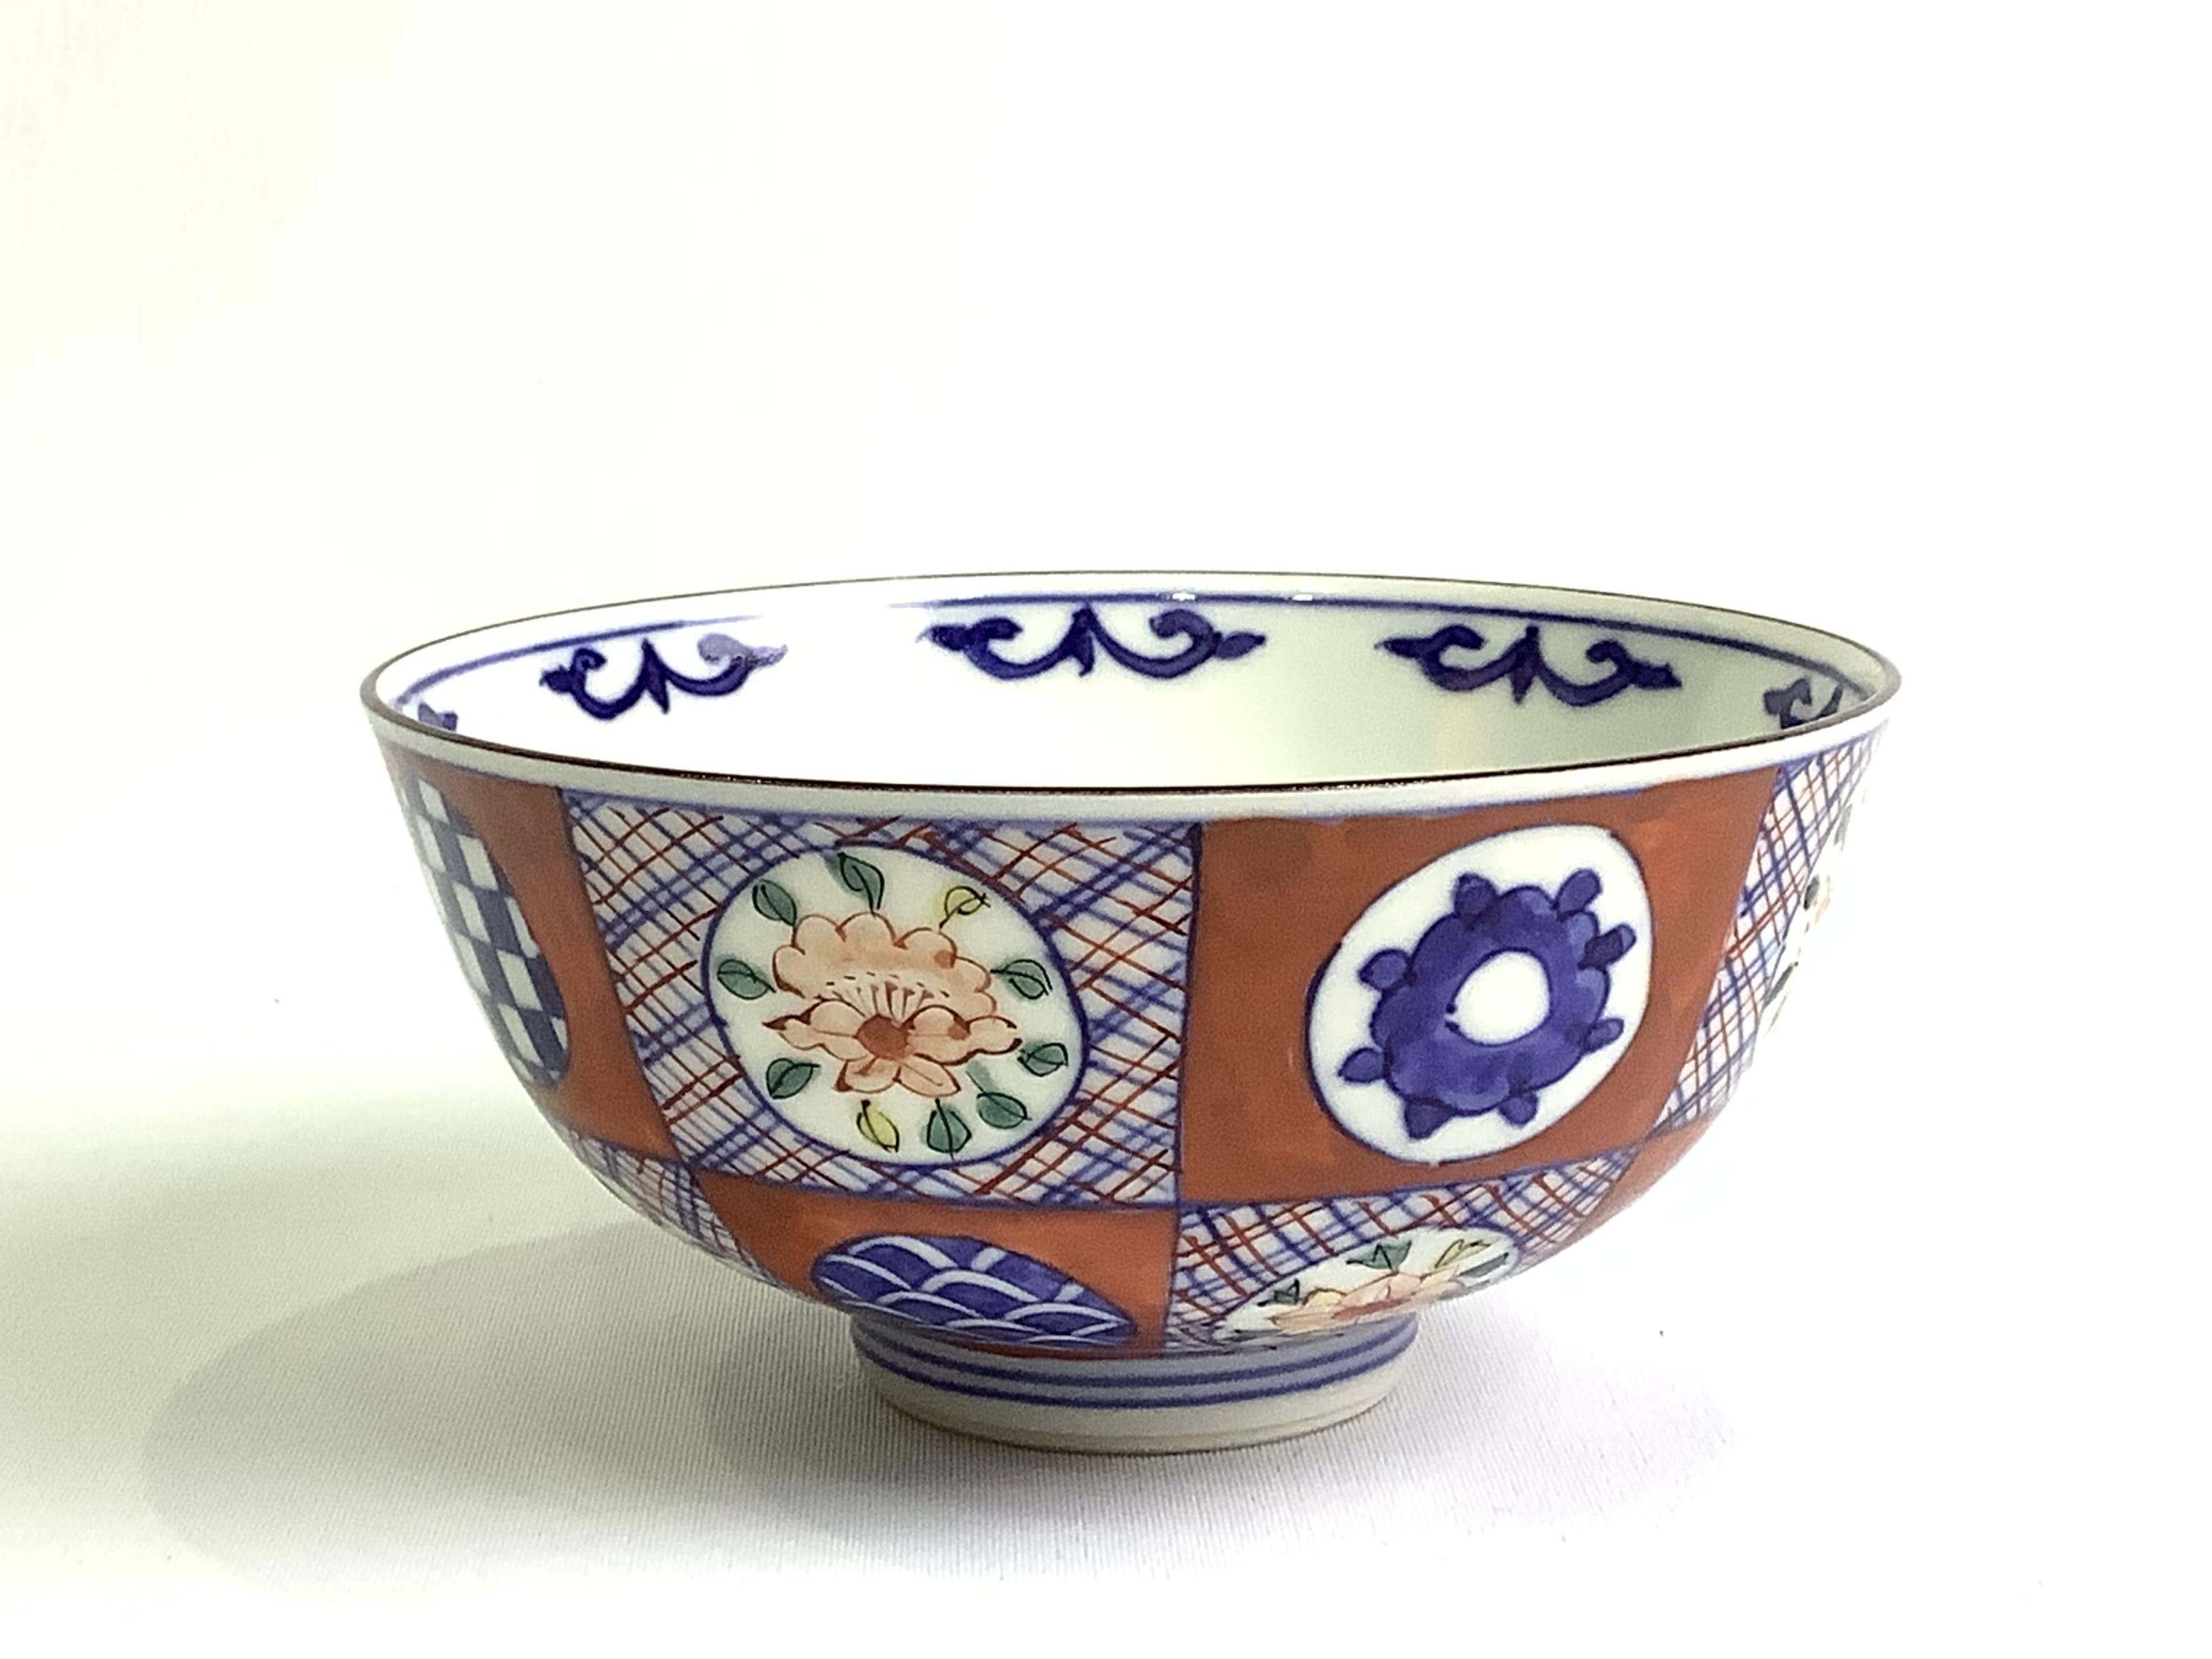 高級 作家物 日本製 伝統工芸品 京焼・清水焼 矢野正三(碧黄石窯) 色入六割丸紋飯碗